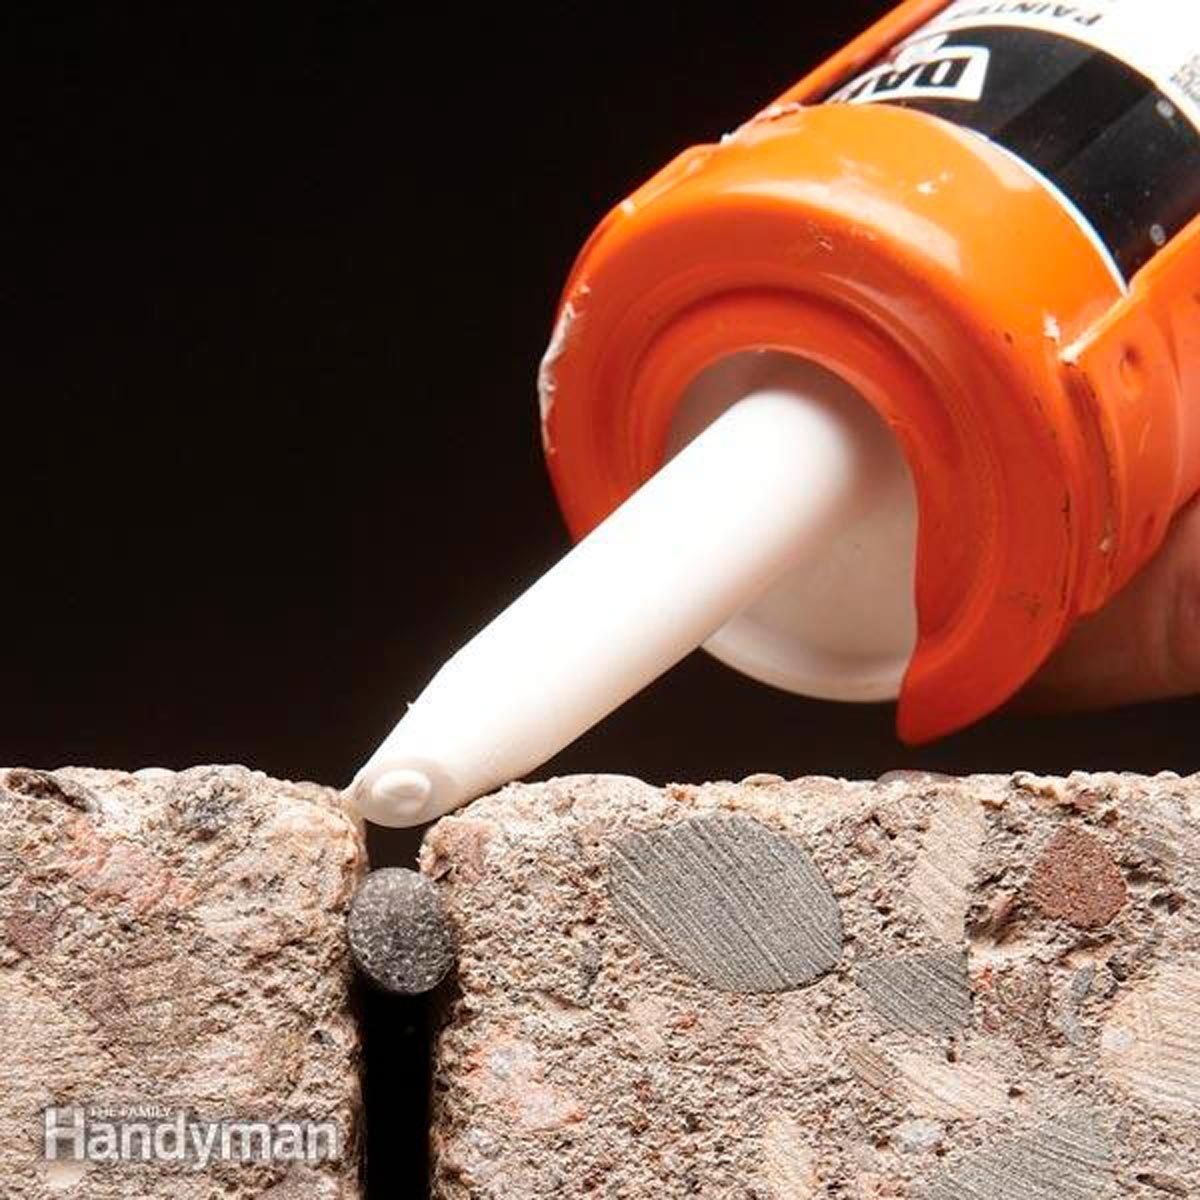 How To Caulk Concrete Family Handyman